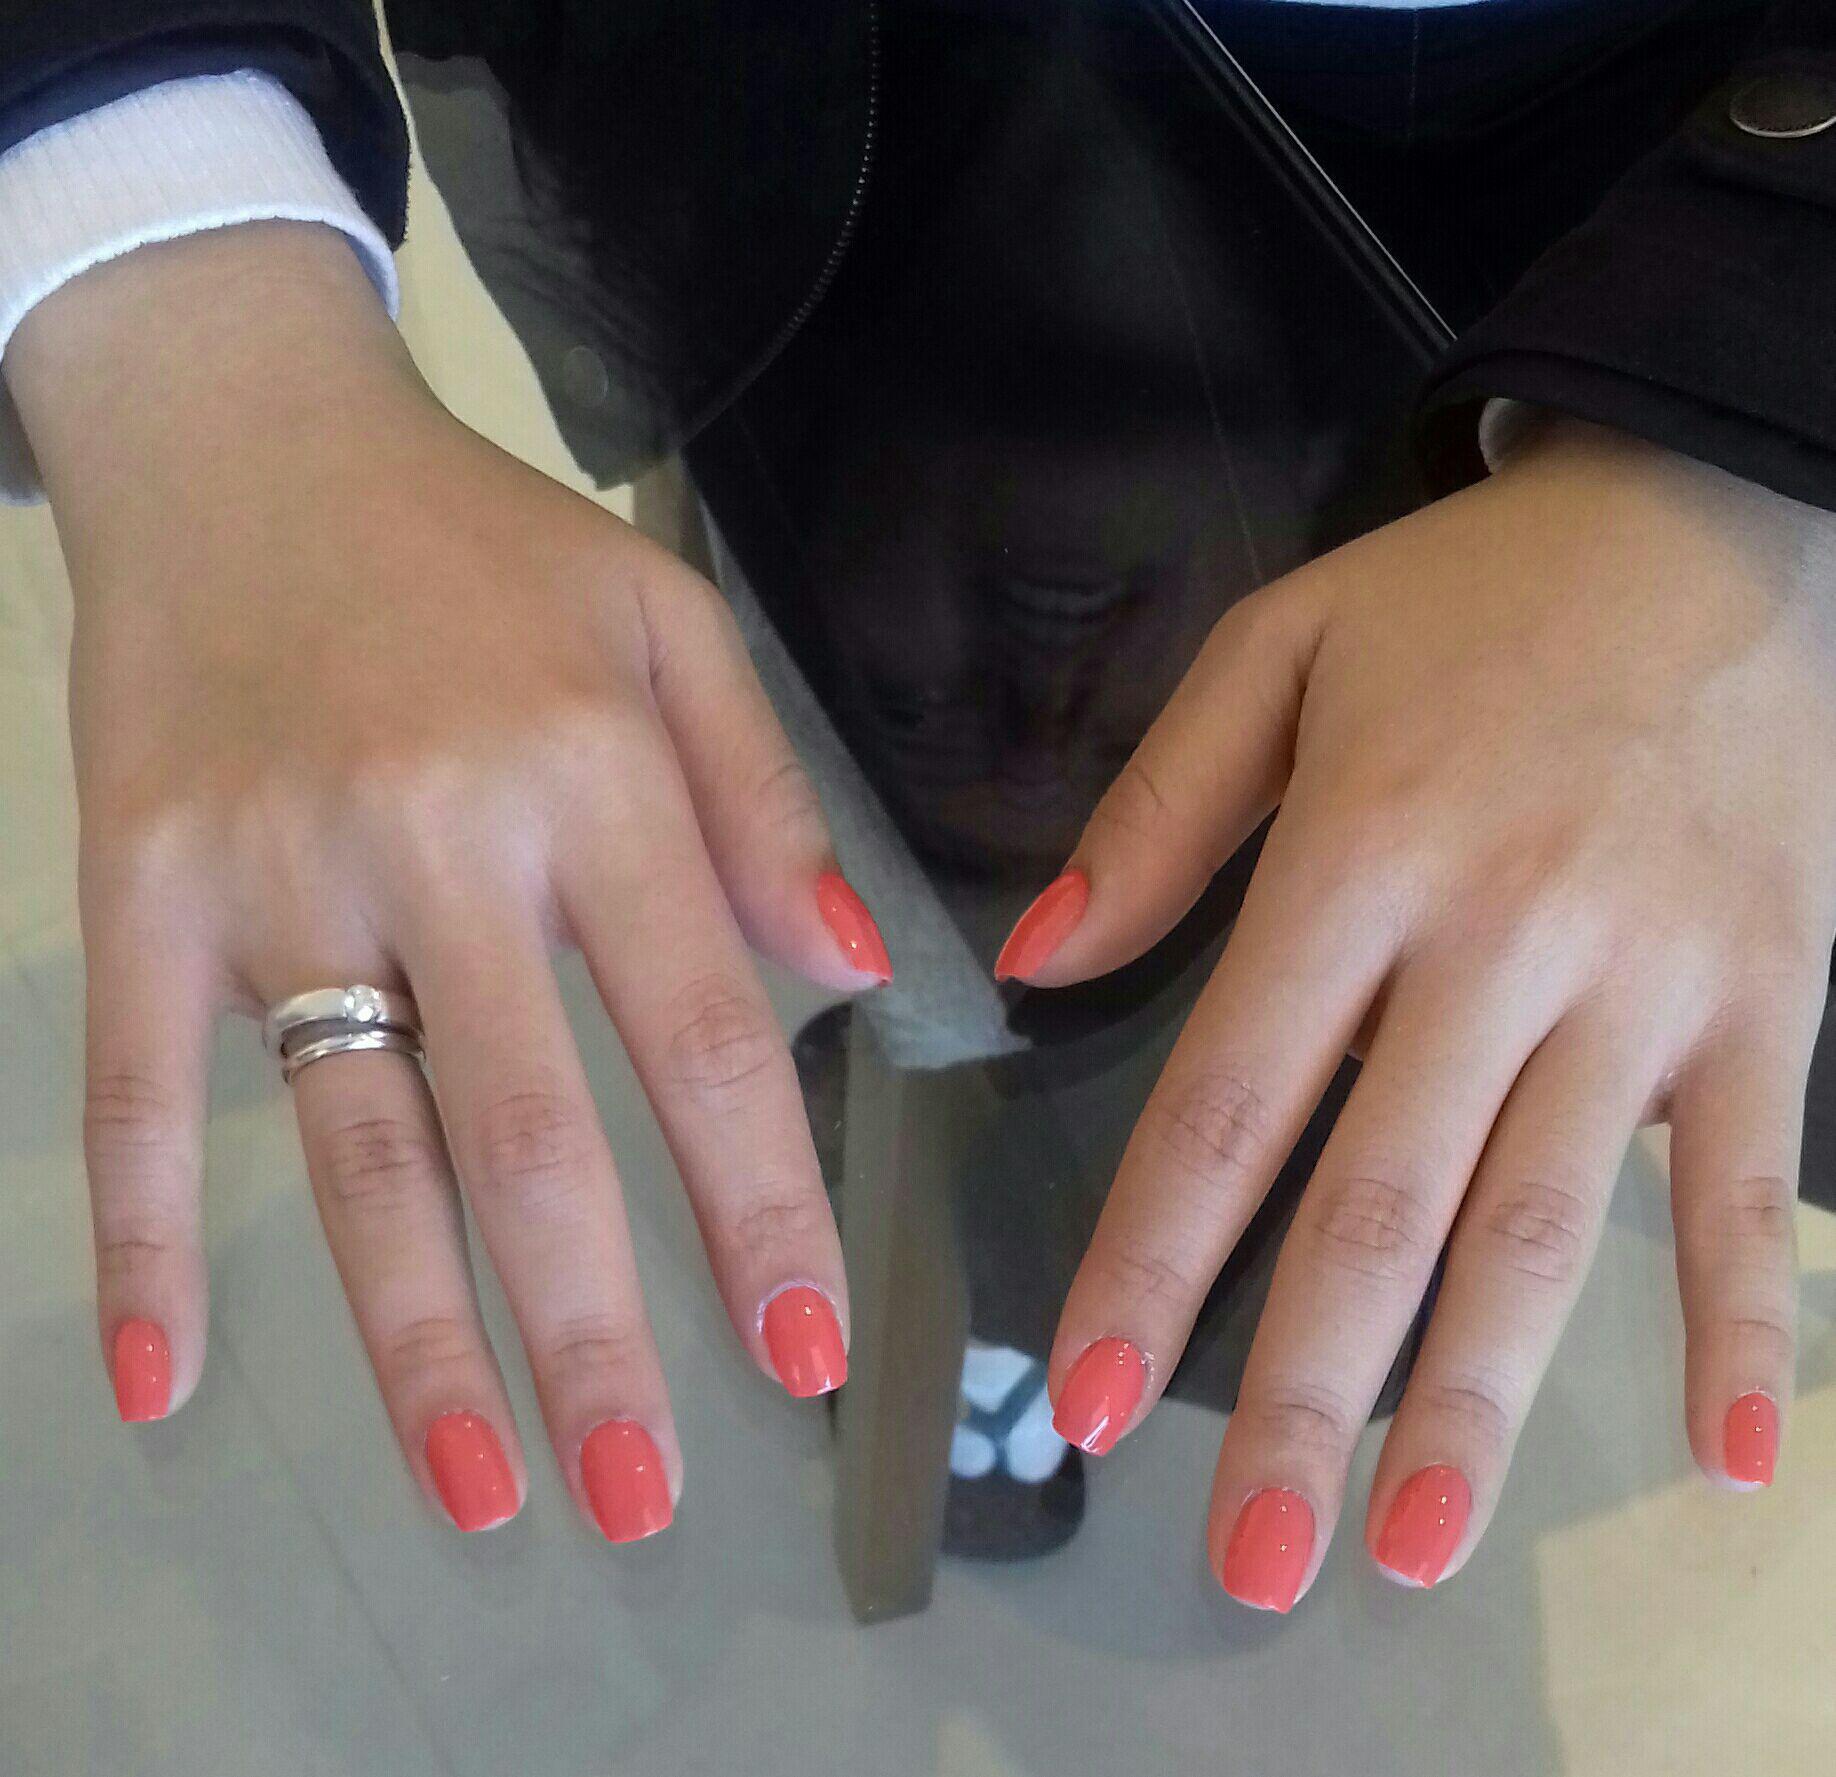 #unhas #nails #manicure unha designer de sobrancelhas depilador(a) manicure e pedicure